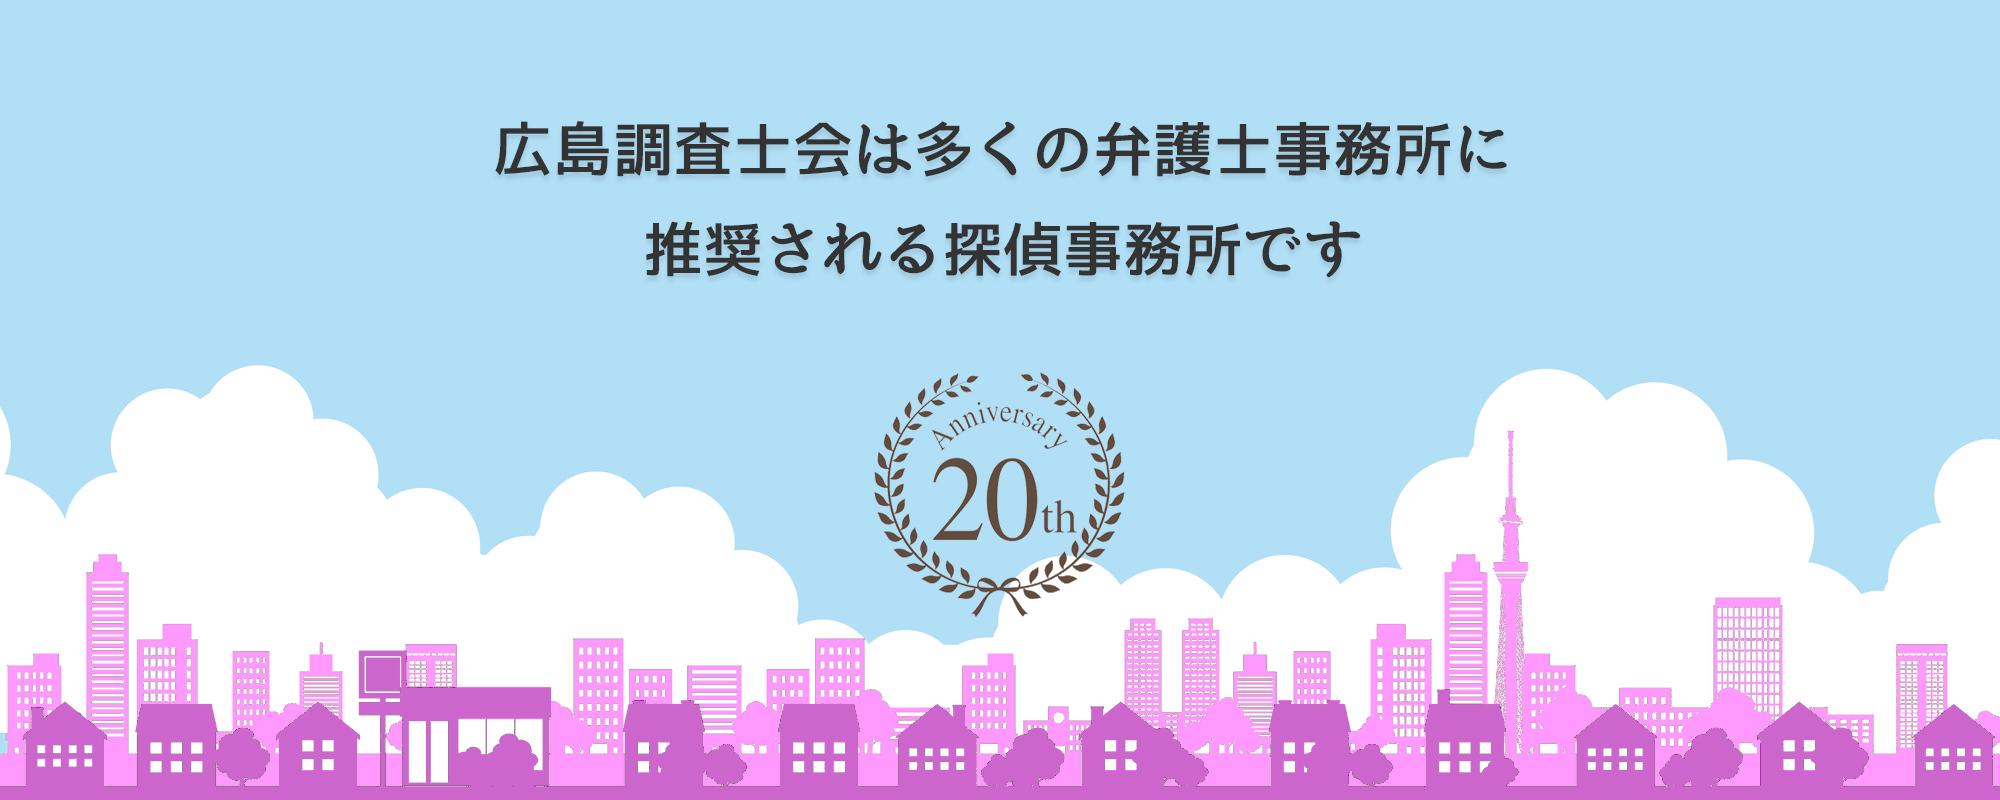 広島相談室は多くの弁護士事務所に推奨されています。